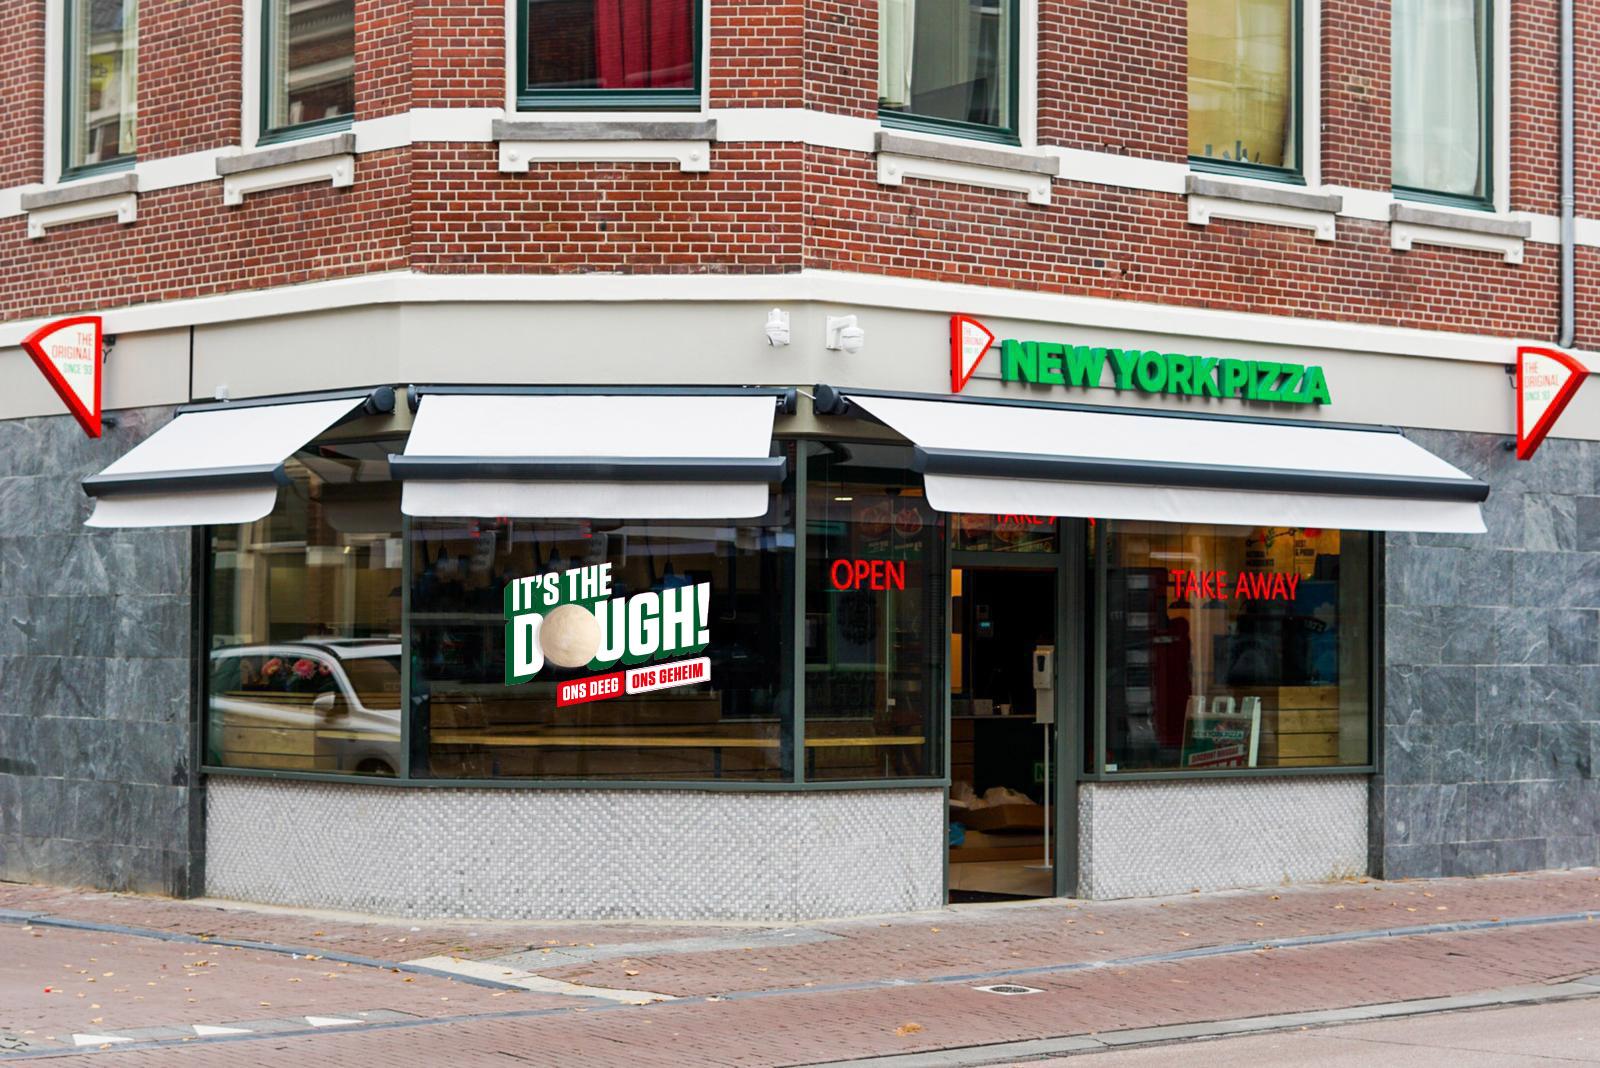 New York Pizza vestiging in Utrecht